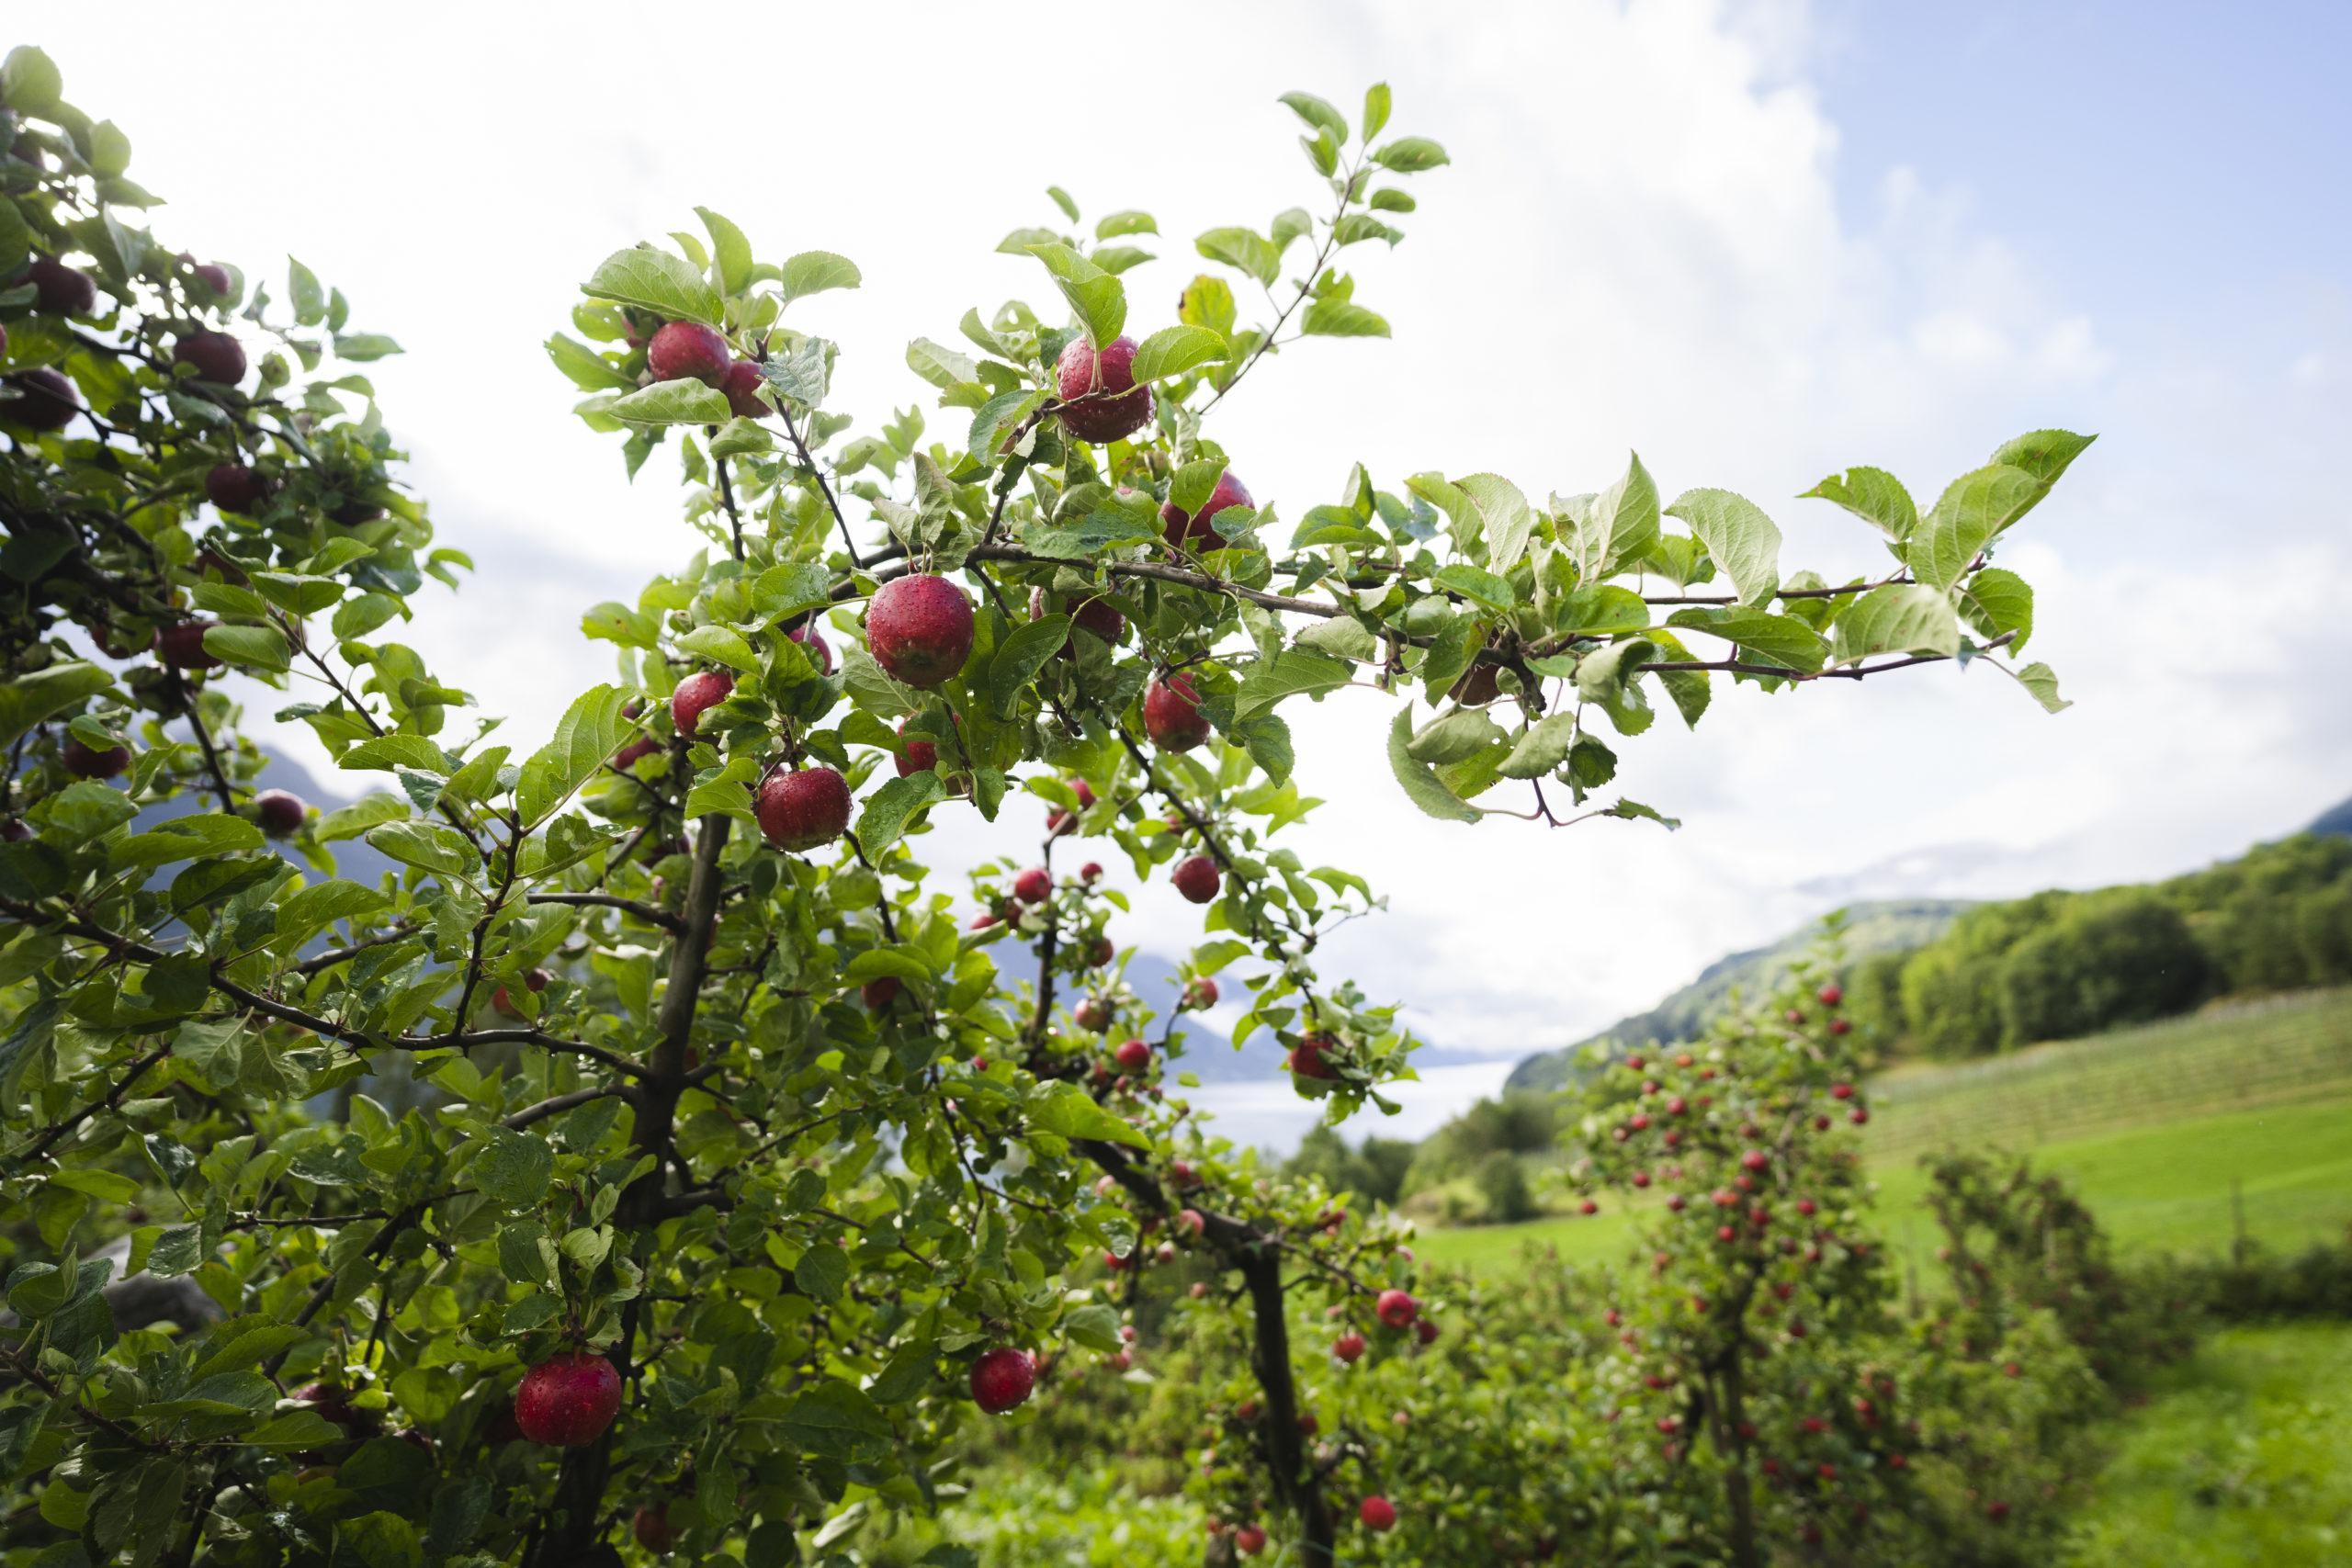 Raude epler på frukttre. Foto.